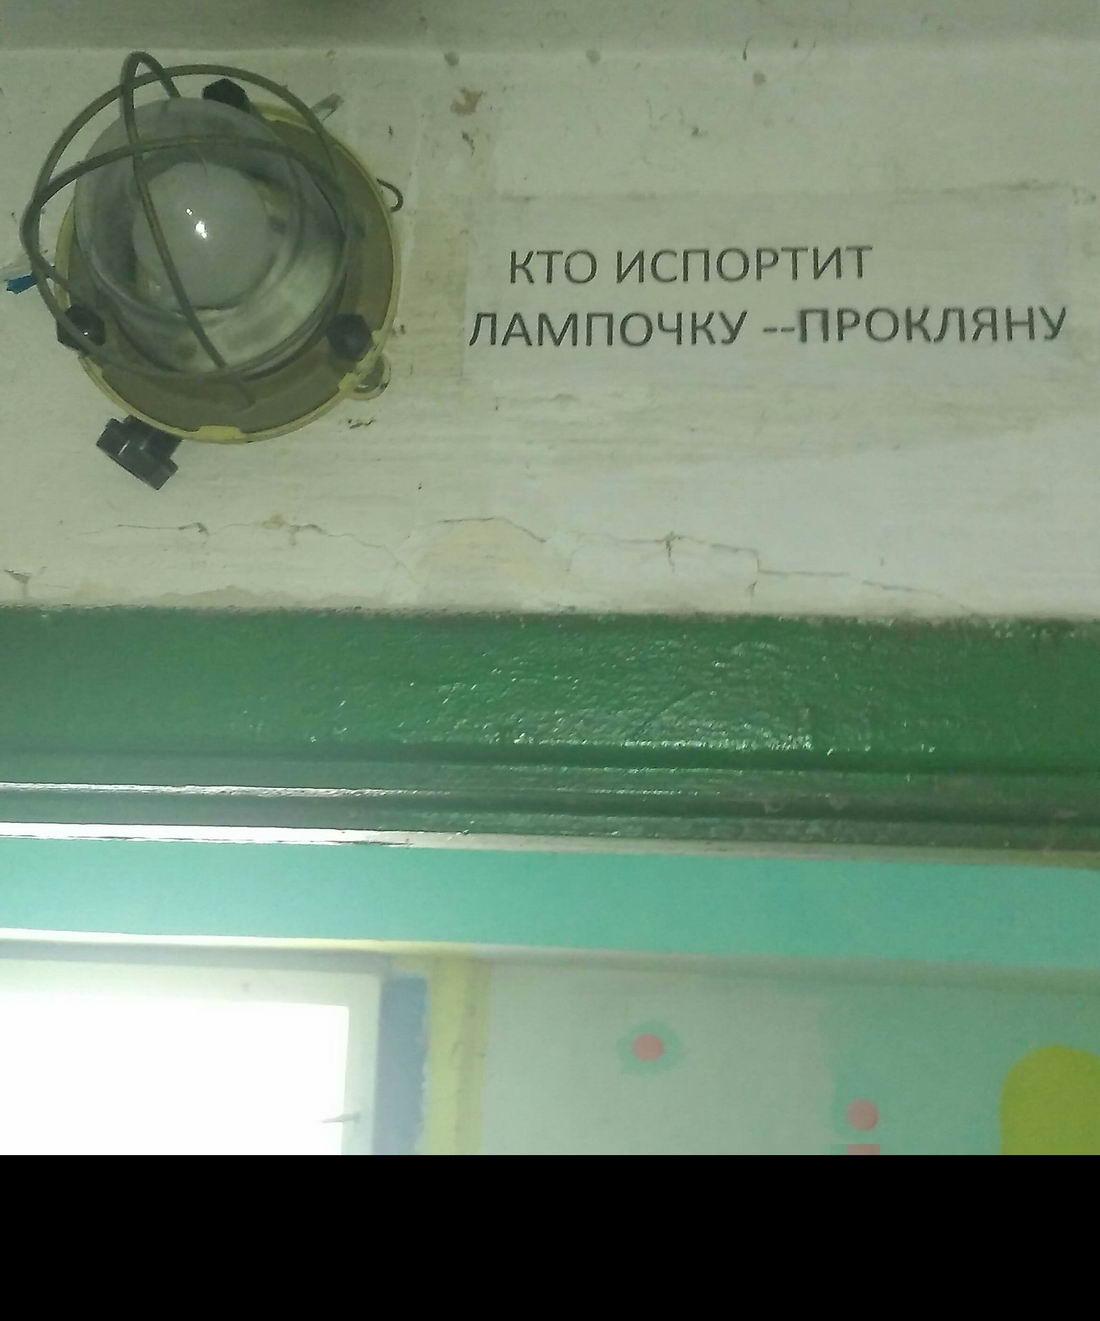 Мы живём в России - 58 (40 фото)